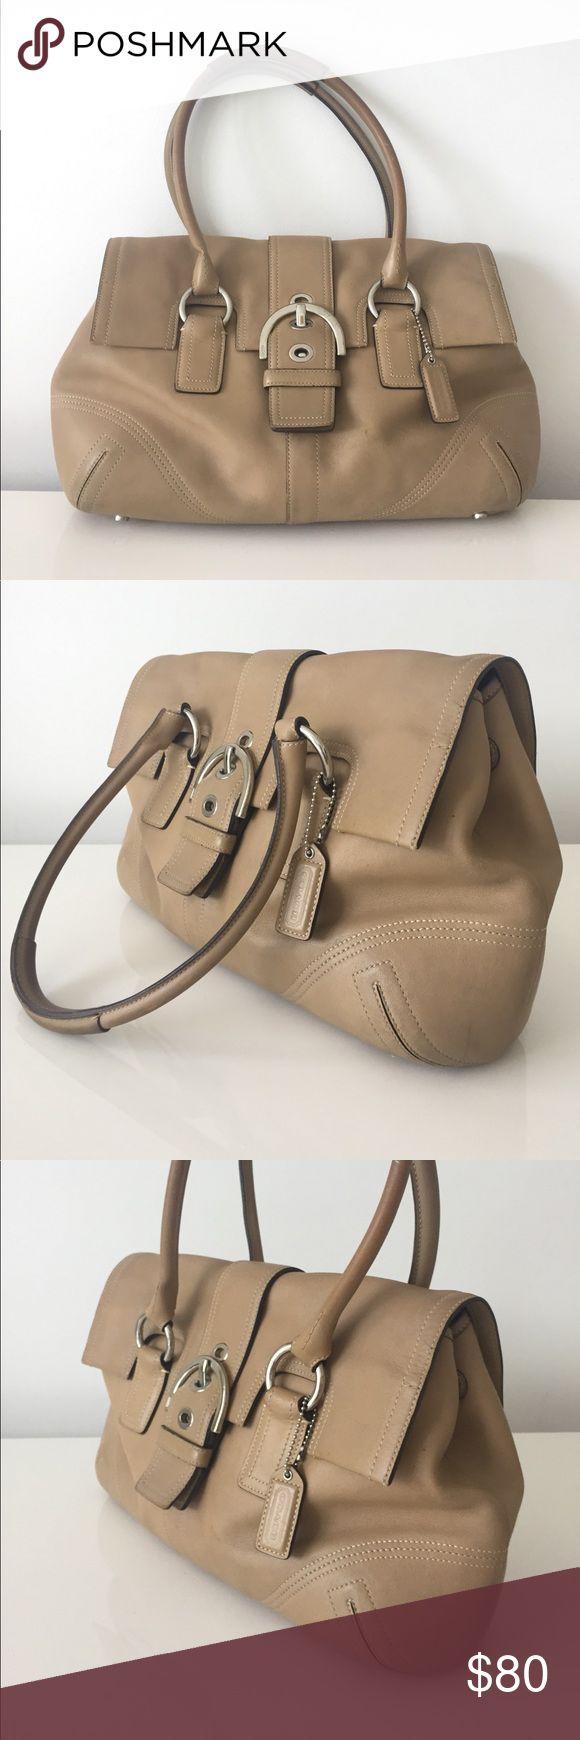 Beige leather Coach Shoulder bag 100% Authentic beige/tan leather Coach shoulder bag in good pre owned condition Coach Bags